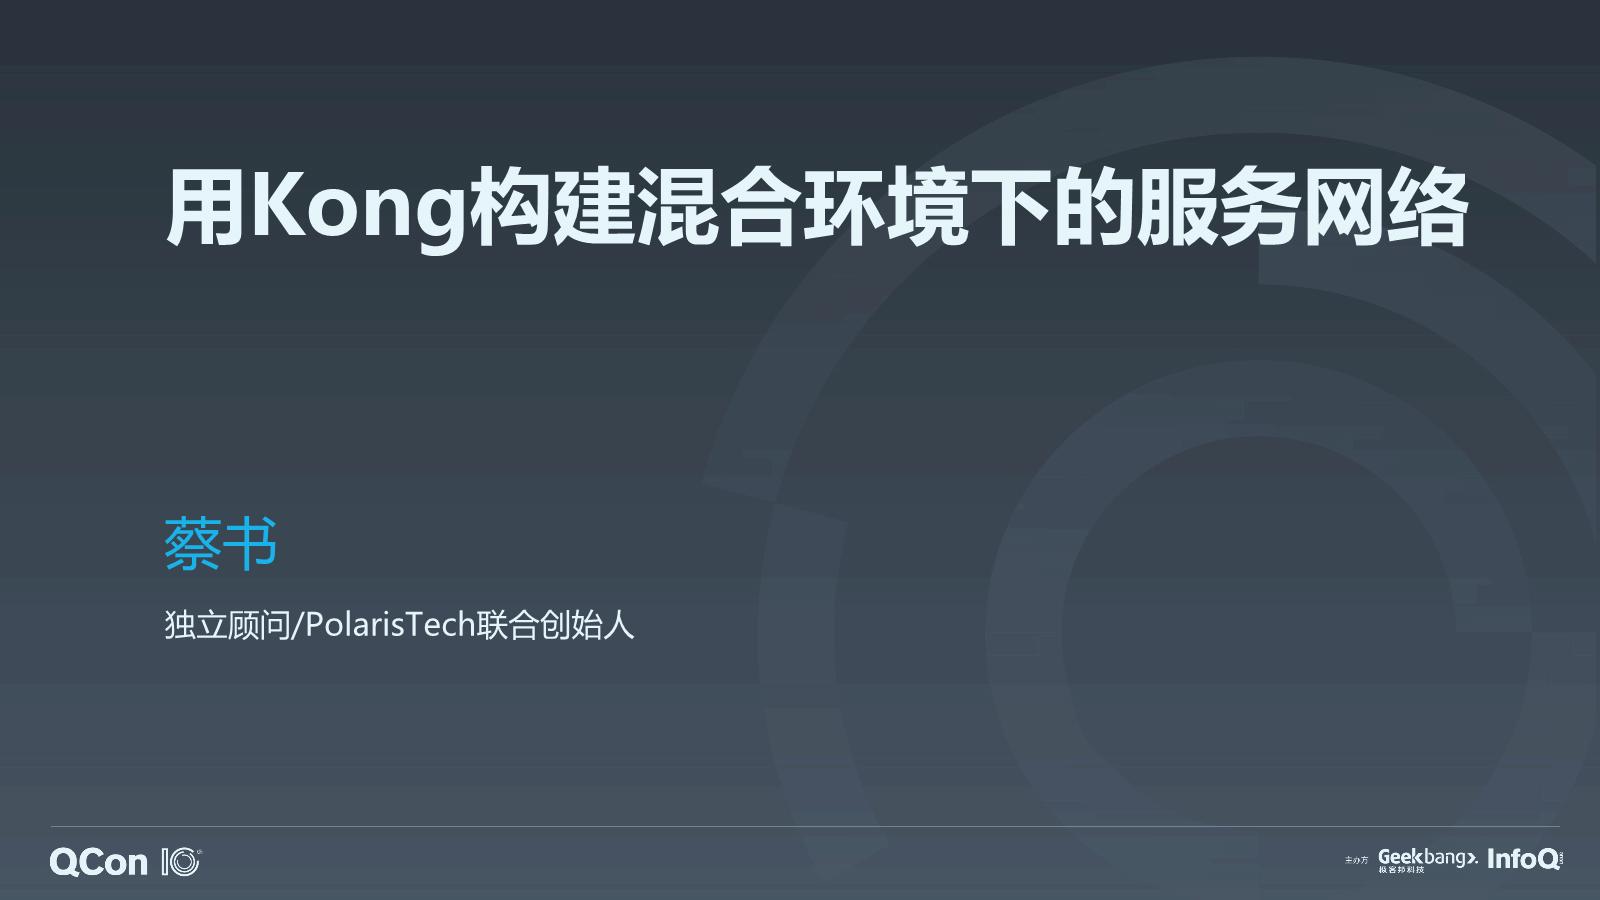 蔡书-用Kong构建混合环境下的服务网络